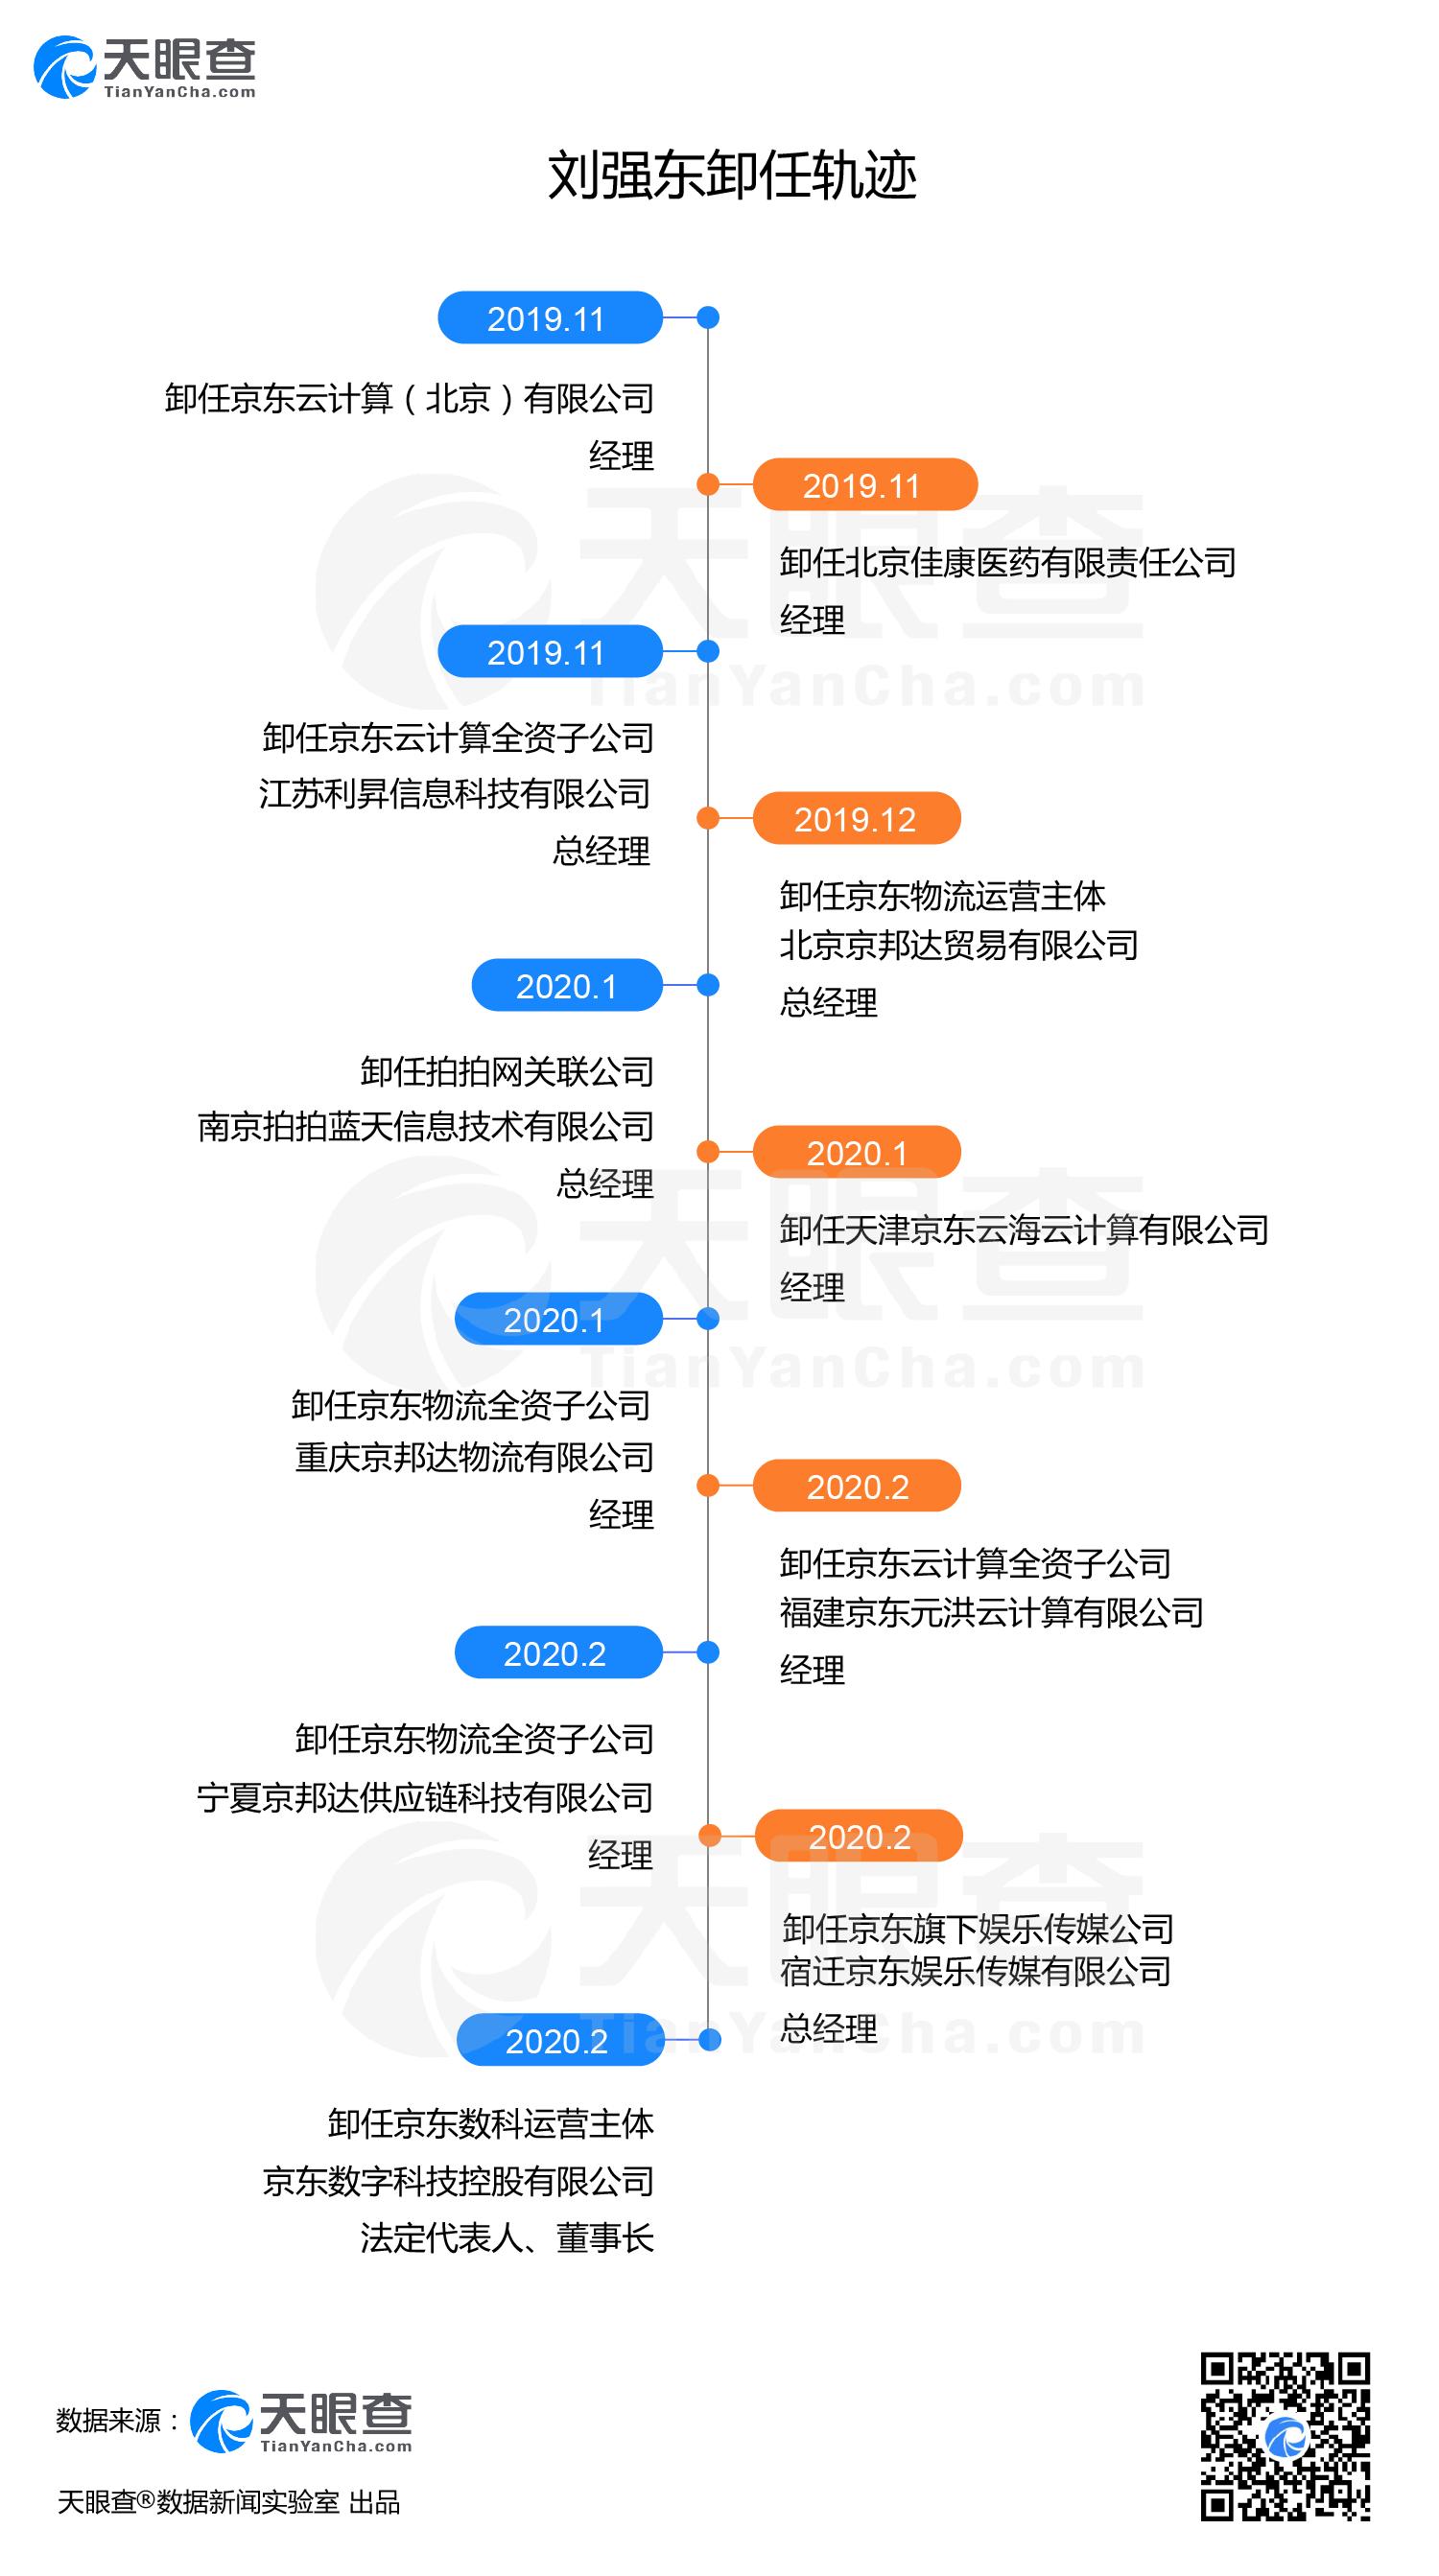 刘强东频频卸任背后:据不完全统计,2020年已卸任7家公司高管图片